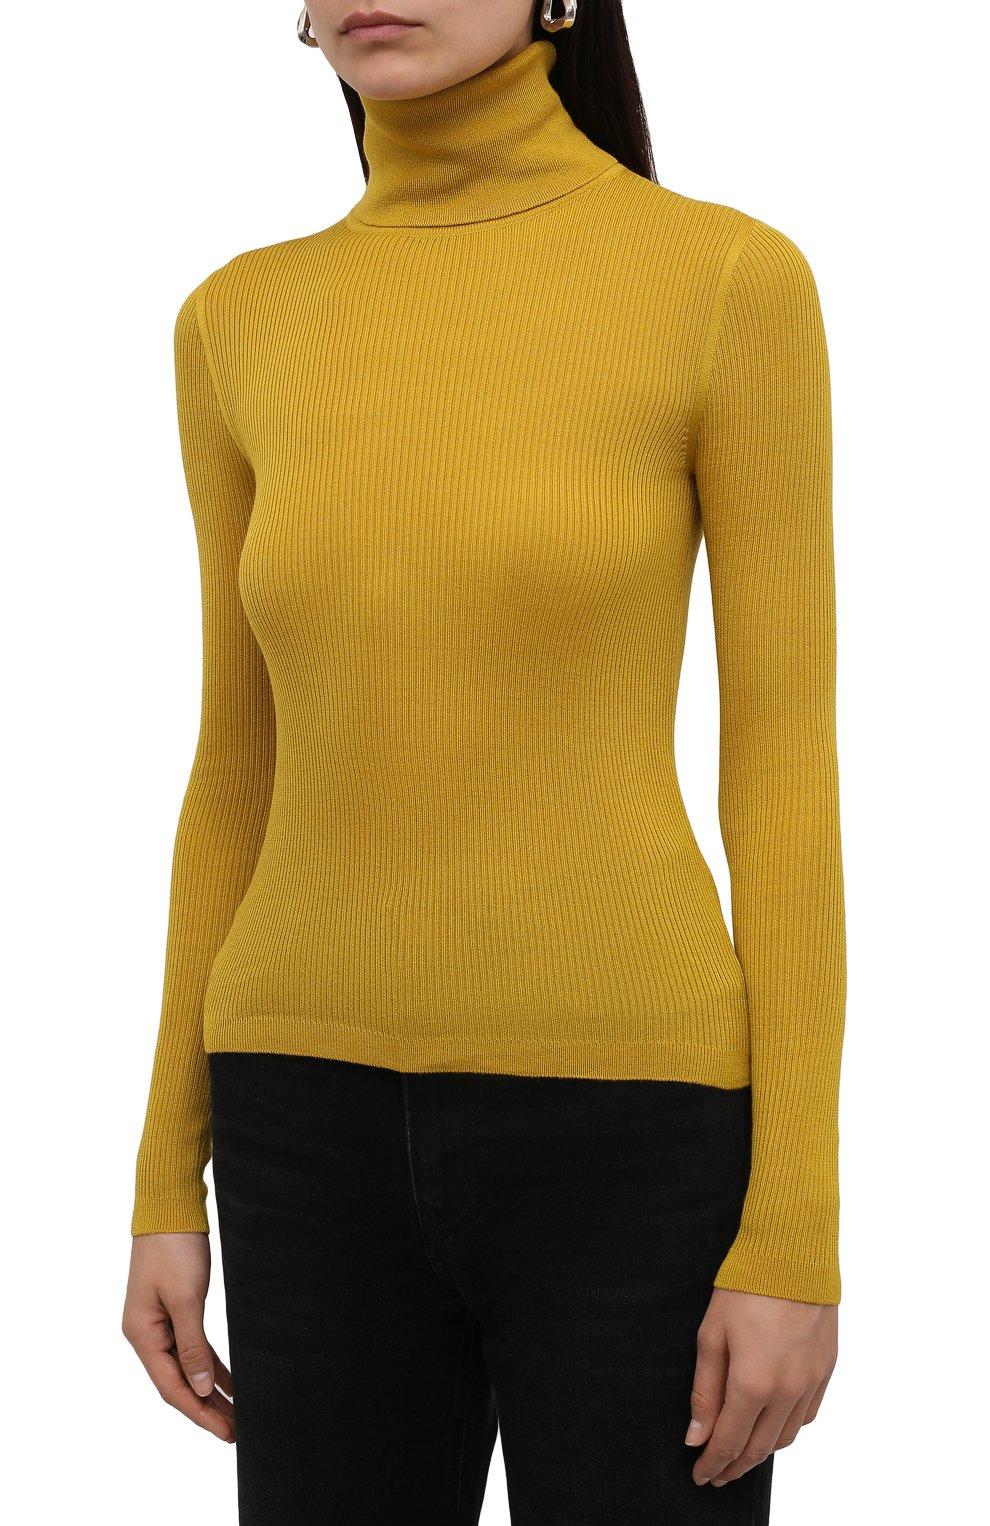 Женская водолазка из кашемира и шерсти SAINT LAURENT желтого цвета, арт. 637869/YAPK2 | Фото 3 (Женское Кросс-КТ: Водолазка-одежда; Материал внешний: Шерсть, Шелк, Кашемир; Рукава: Длинные; Стили: Гламурный; Длина (для топов): Стандартные)